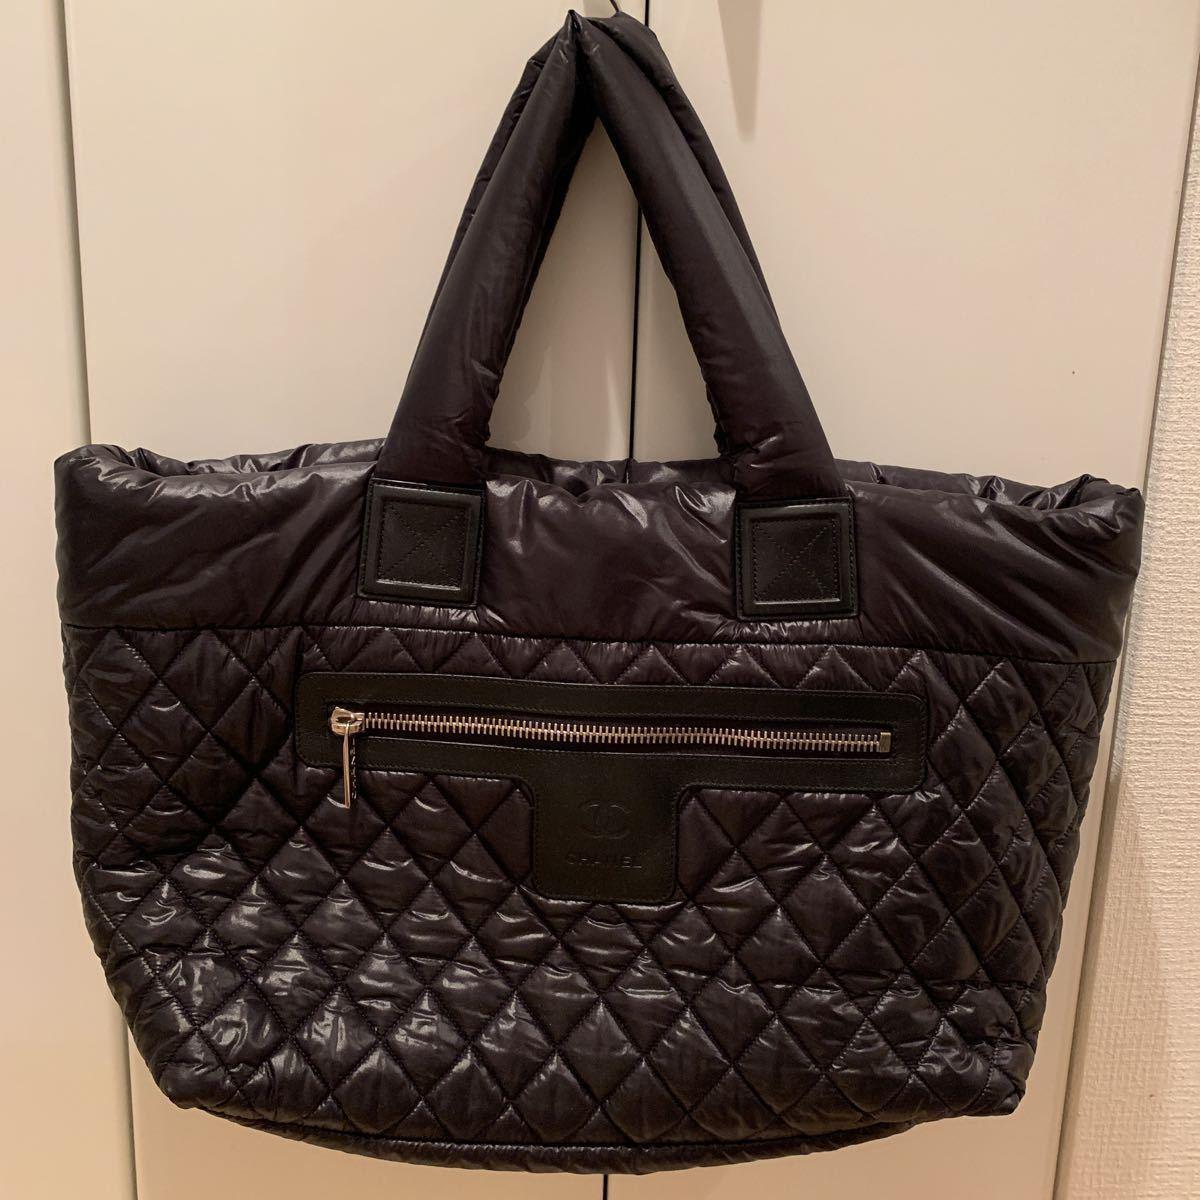 CHANEL シャネル コココクーン ビッグトートバッグ 旅行鞄 ショルダーバッグ ナイロン×マトラッセ 極美品 格安出品